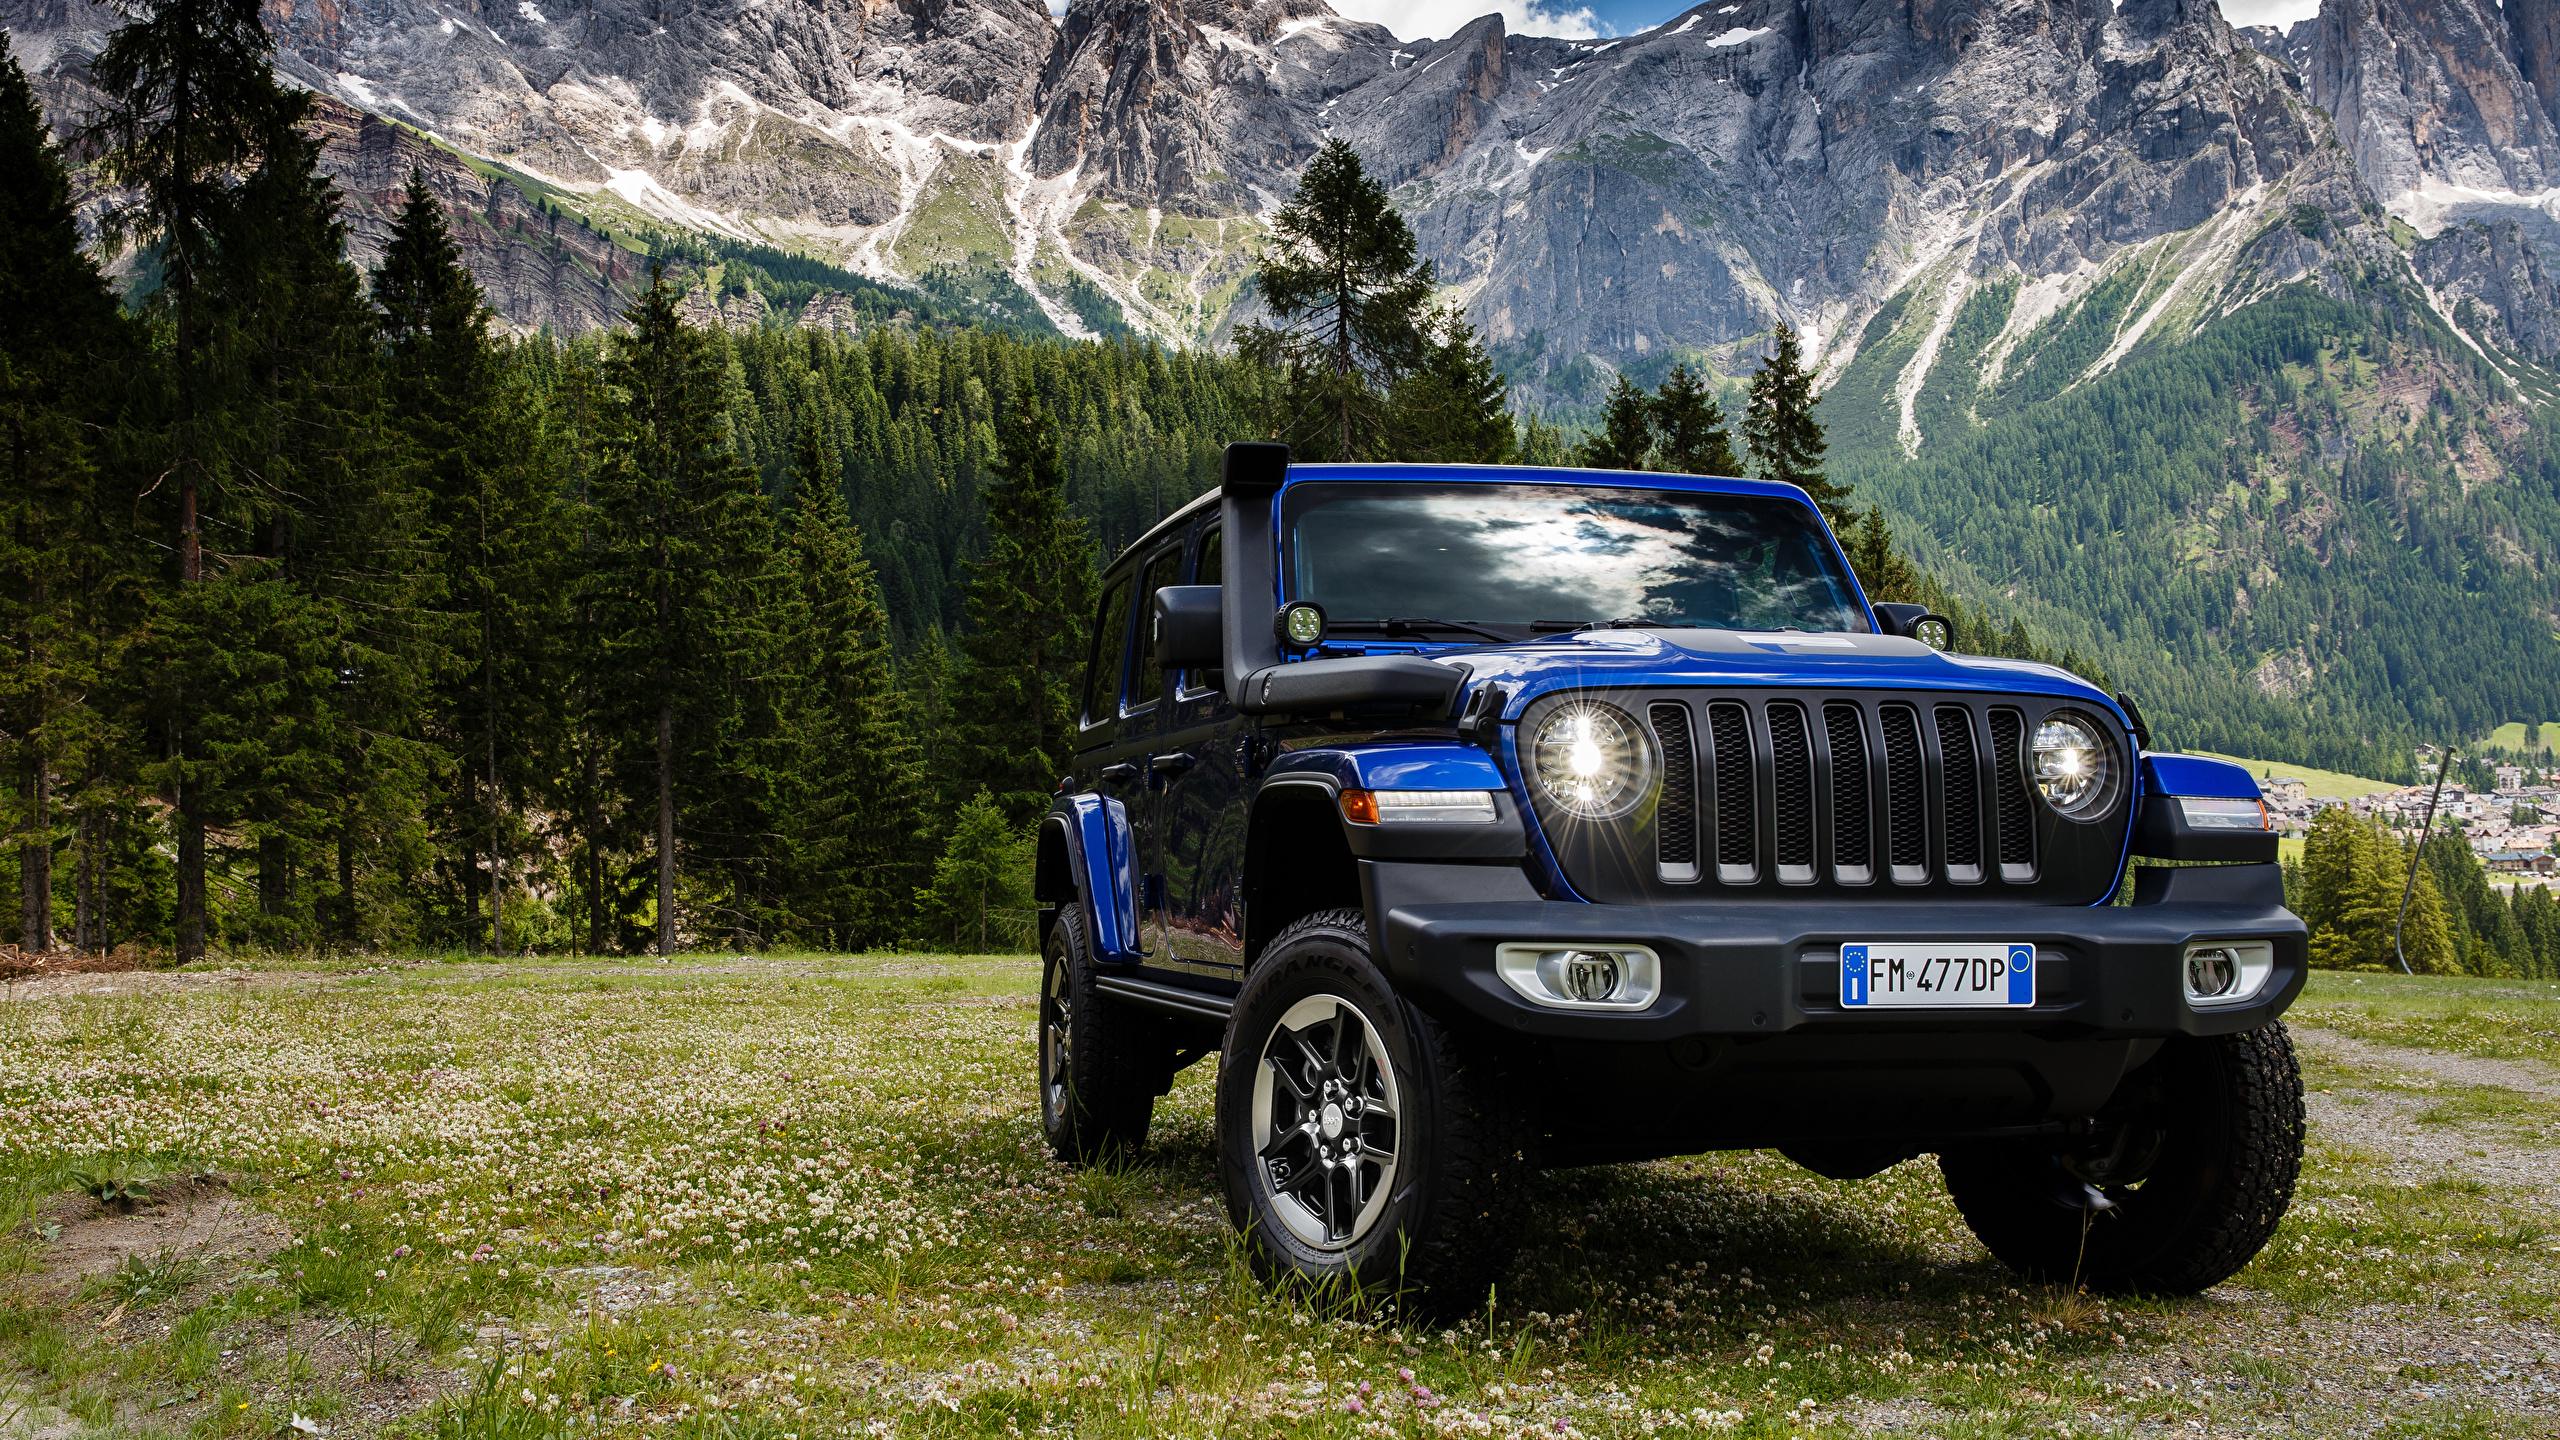 Обои для рабочего стола Jeep SUV 2019 Wrangler Unlimited Sahara 1941 by Mopar синих Автомобили 2560x1440 Джип Внедорожник синяя синие Синий авто машины машина автомобиль